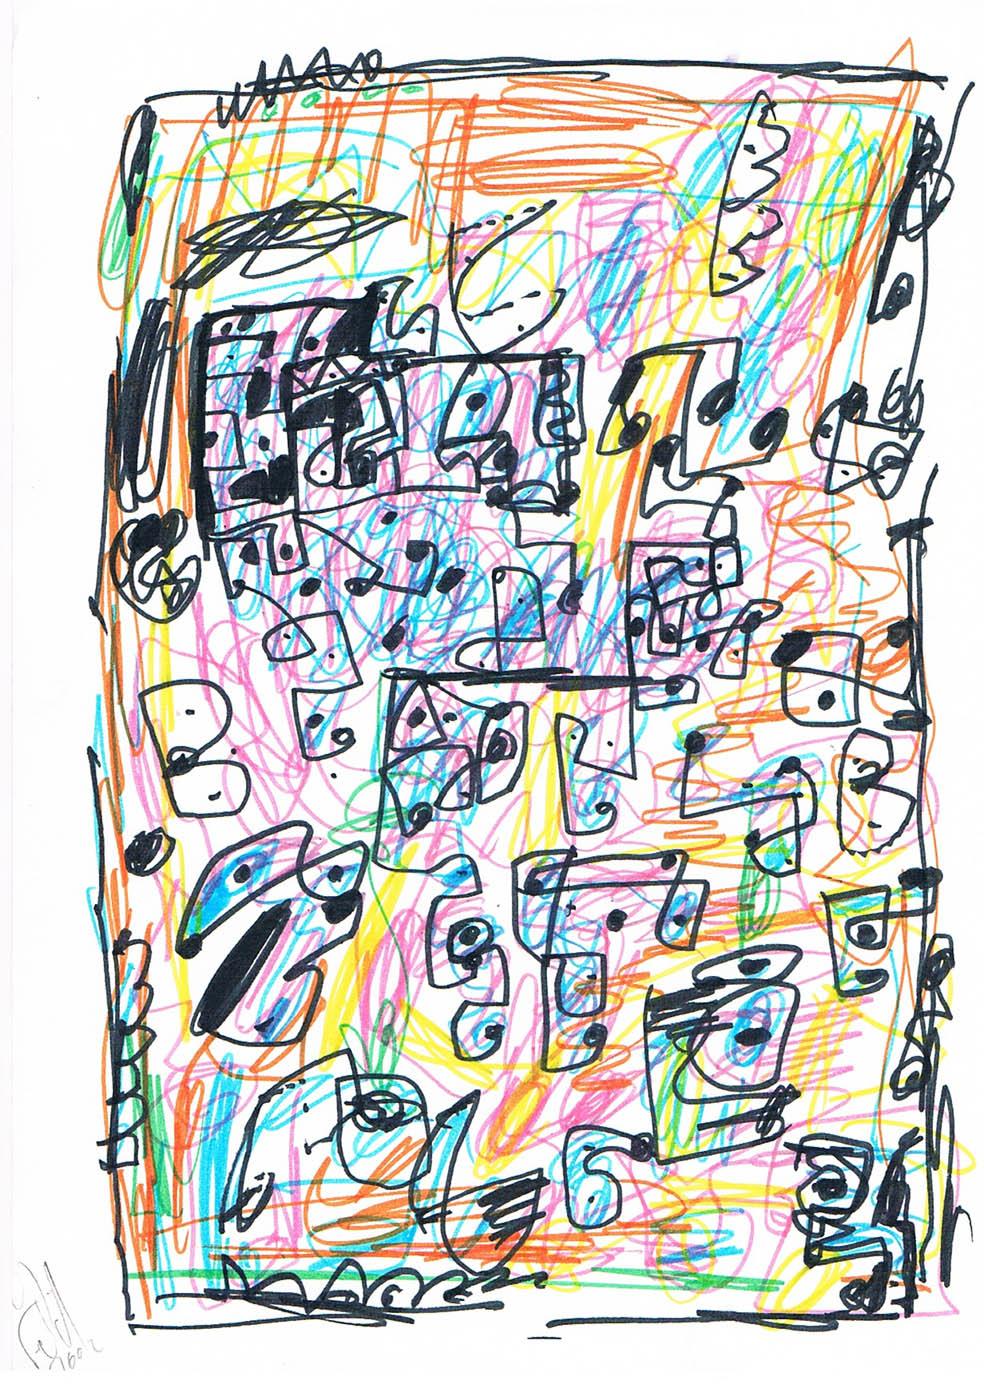 MARC FELD 2002 VOLIÈRE 8 Stylo feutre sur papier 21 x 29,7 cm